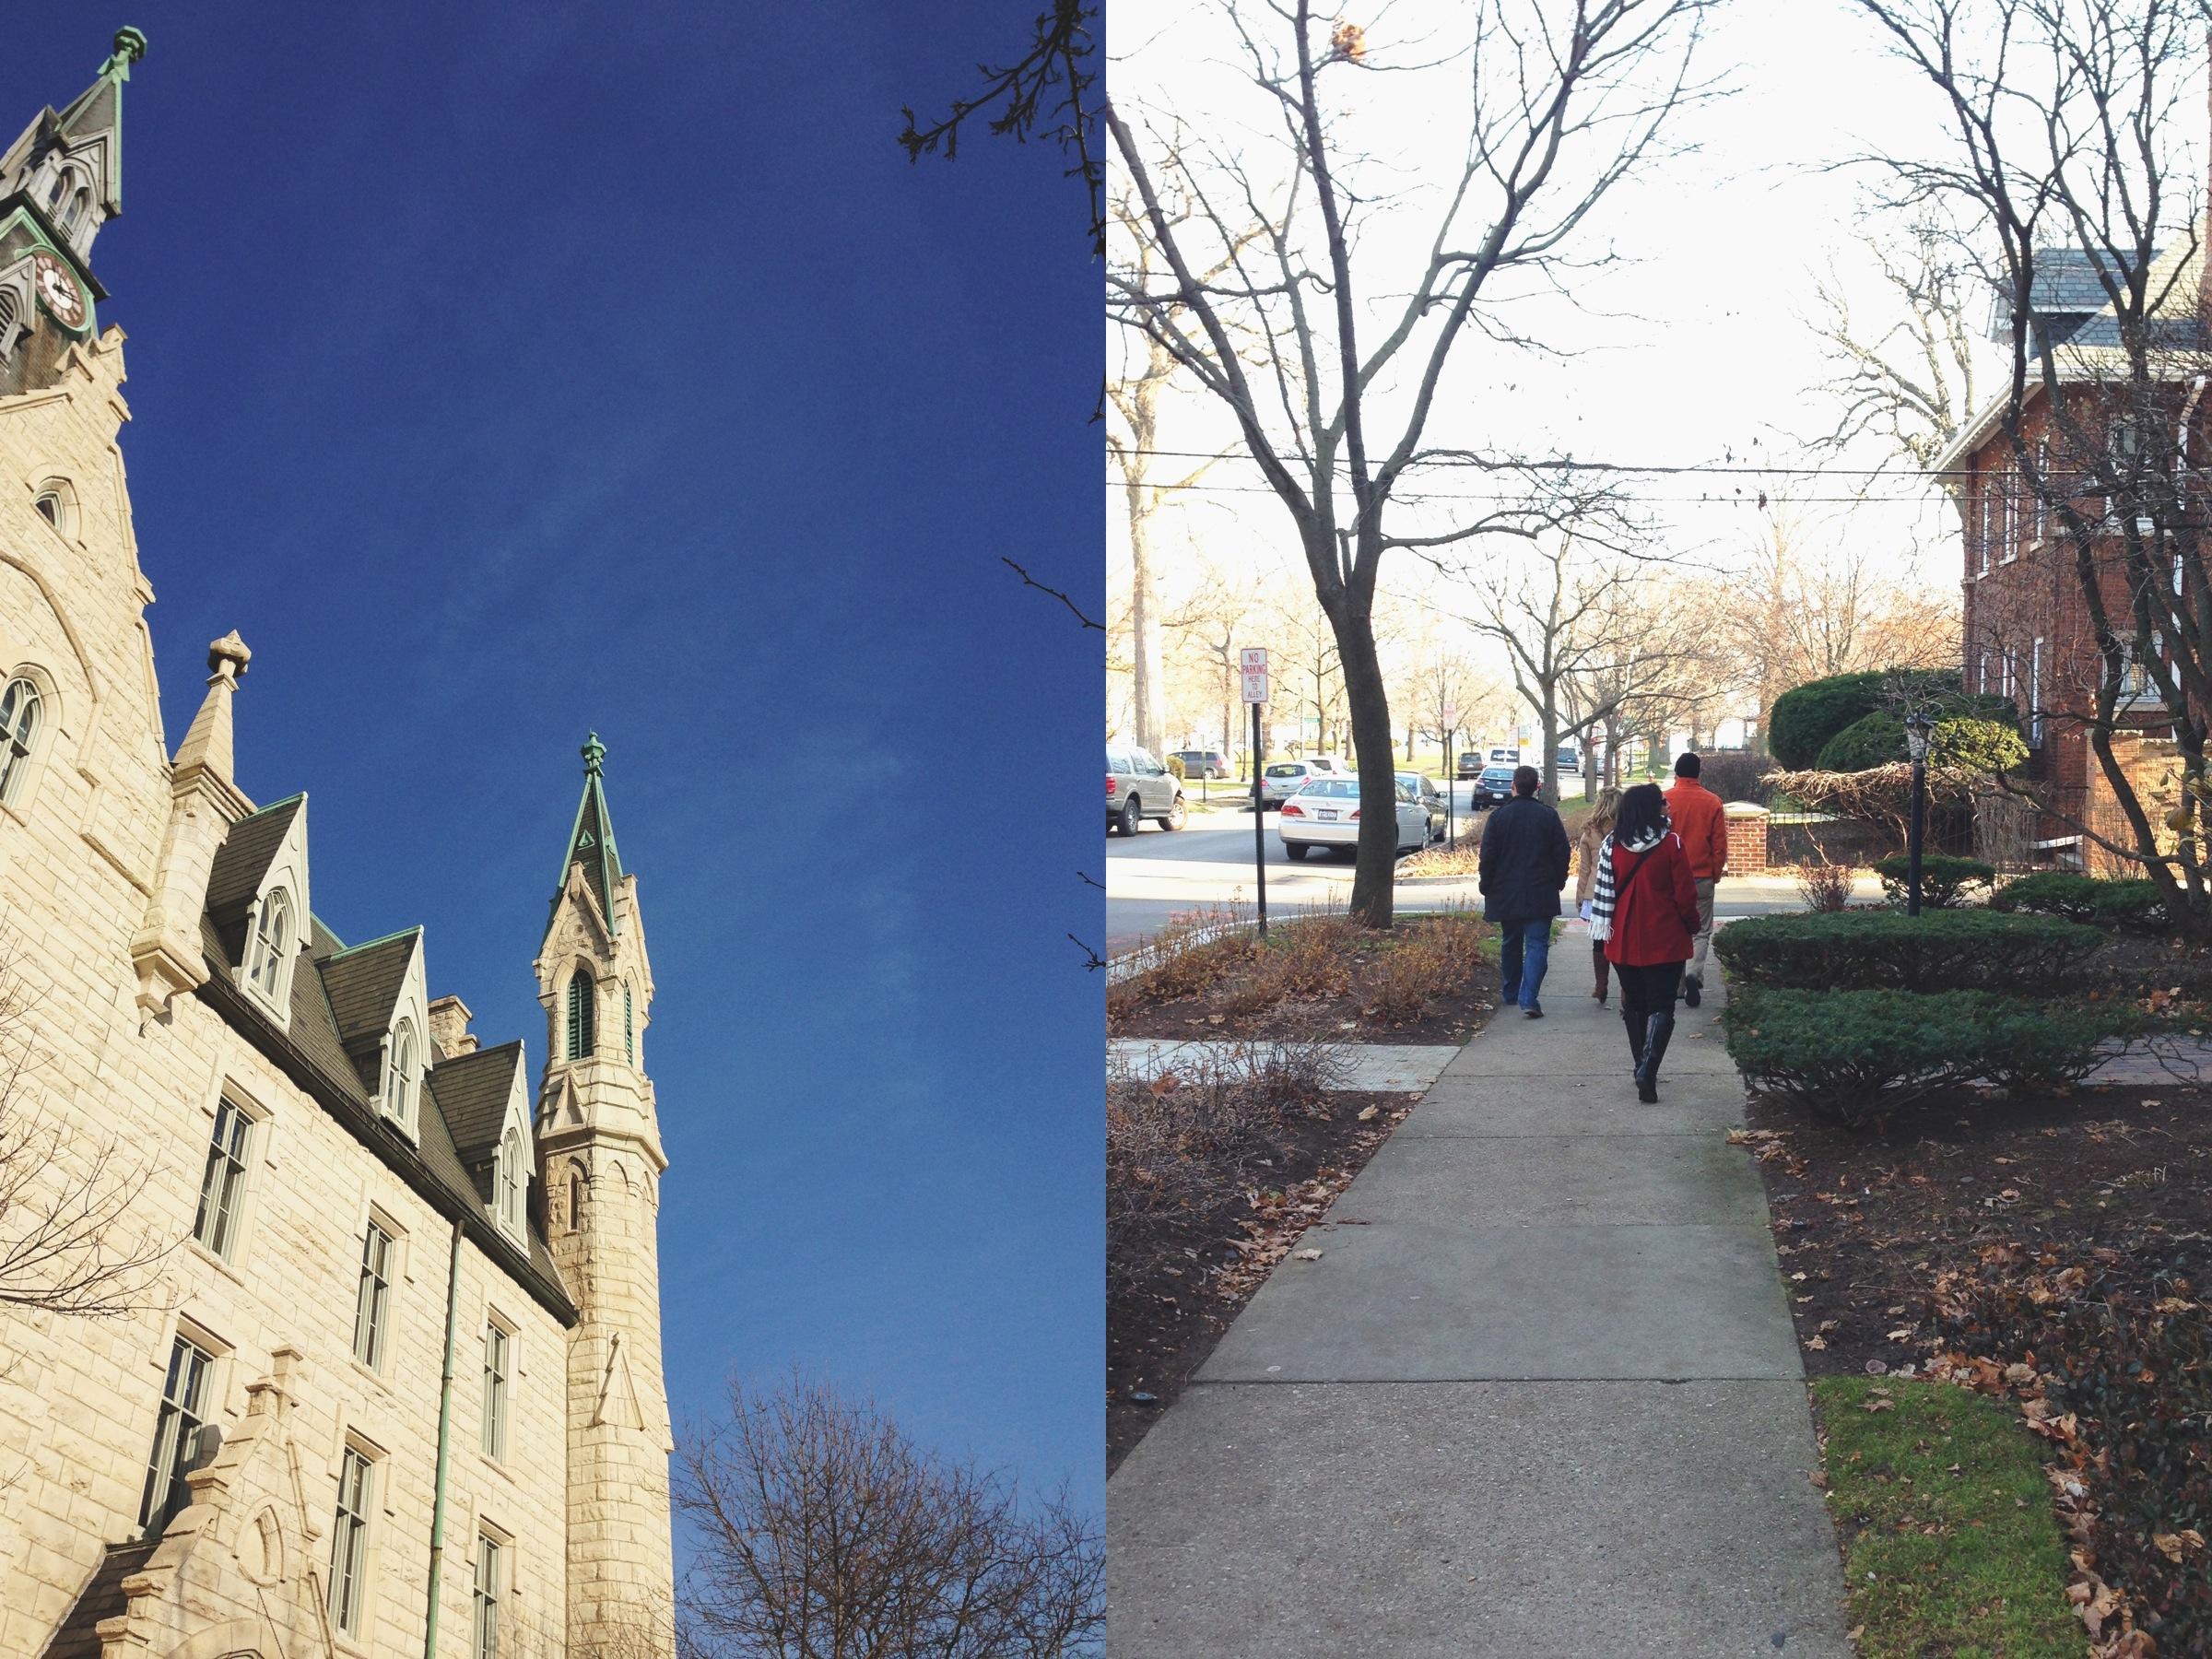 evanston   northwestern university